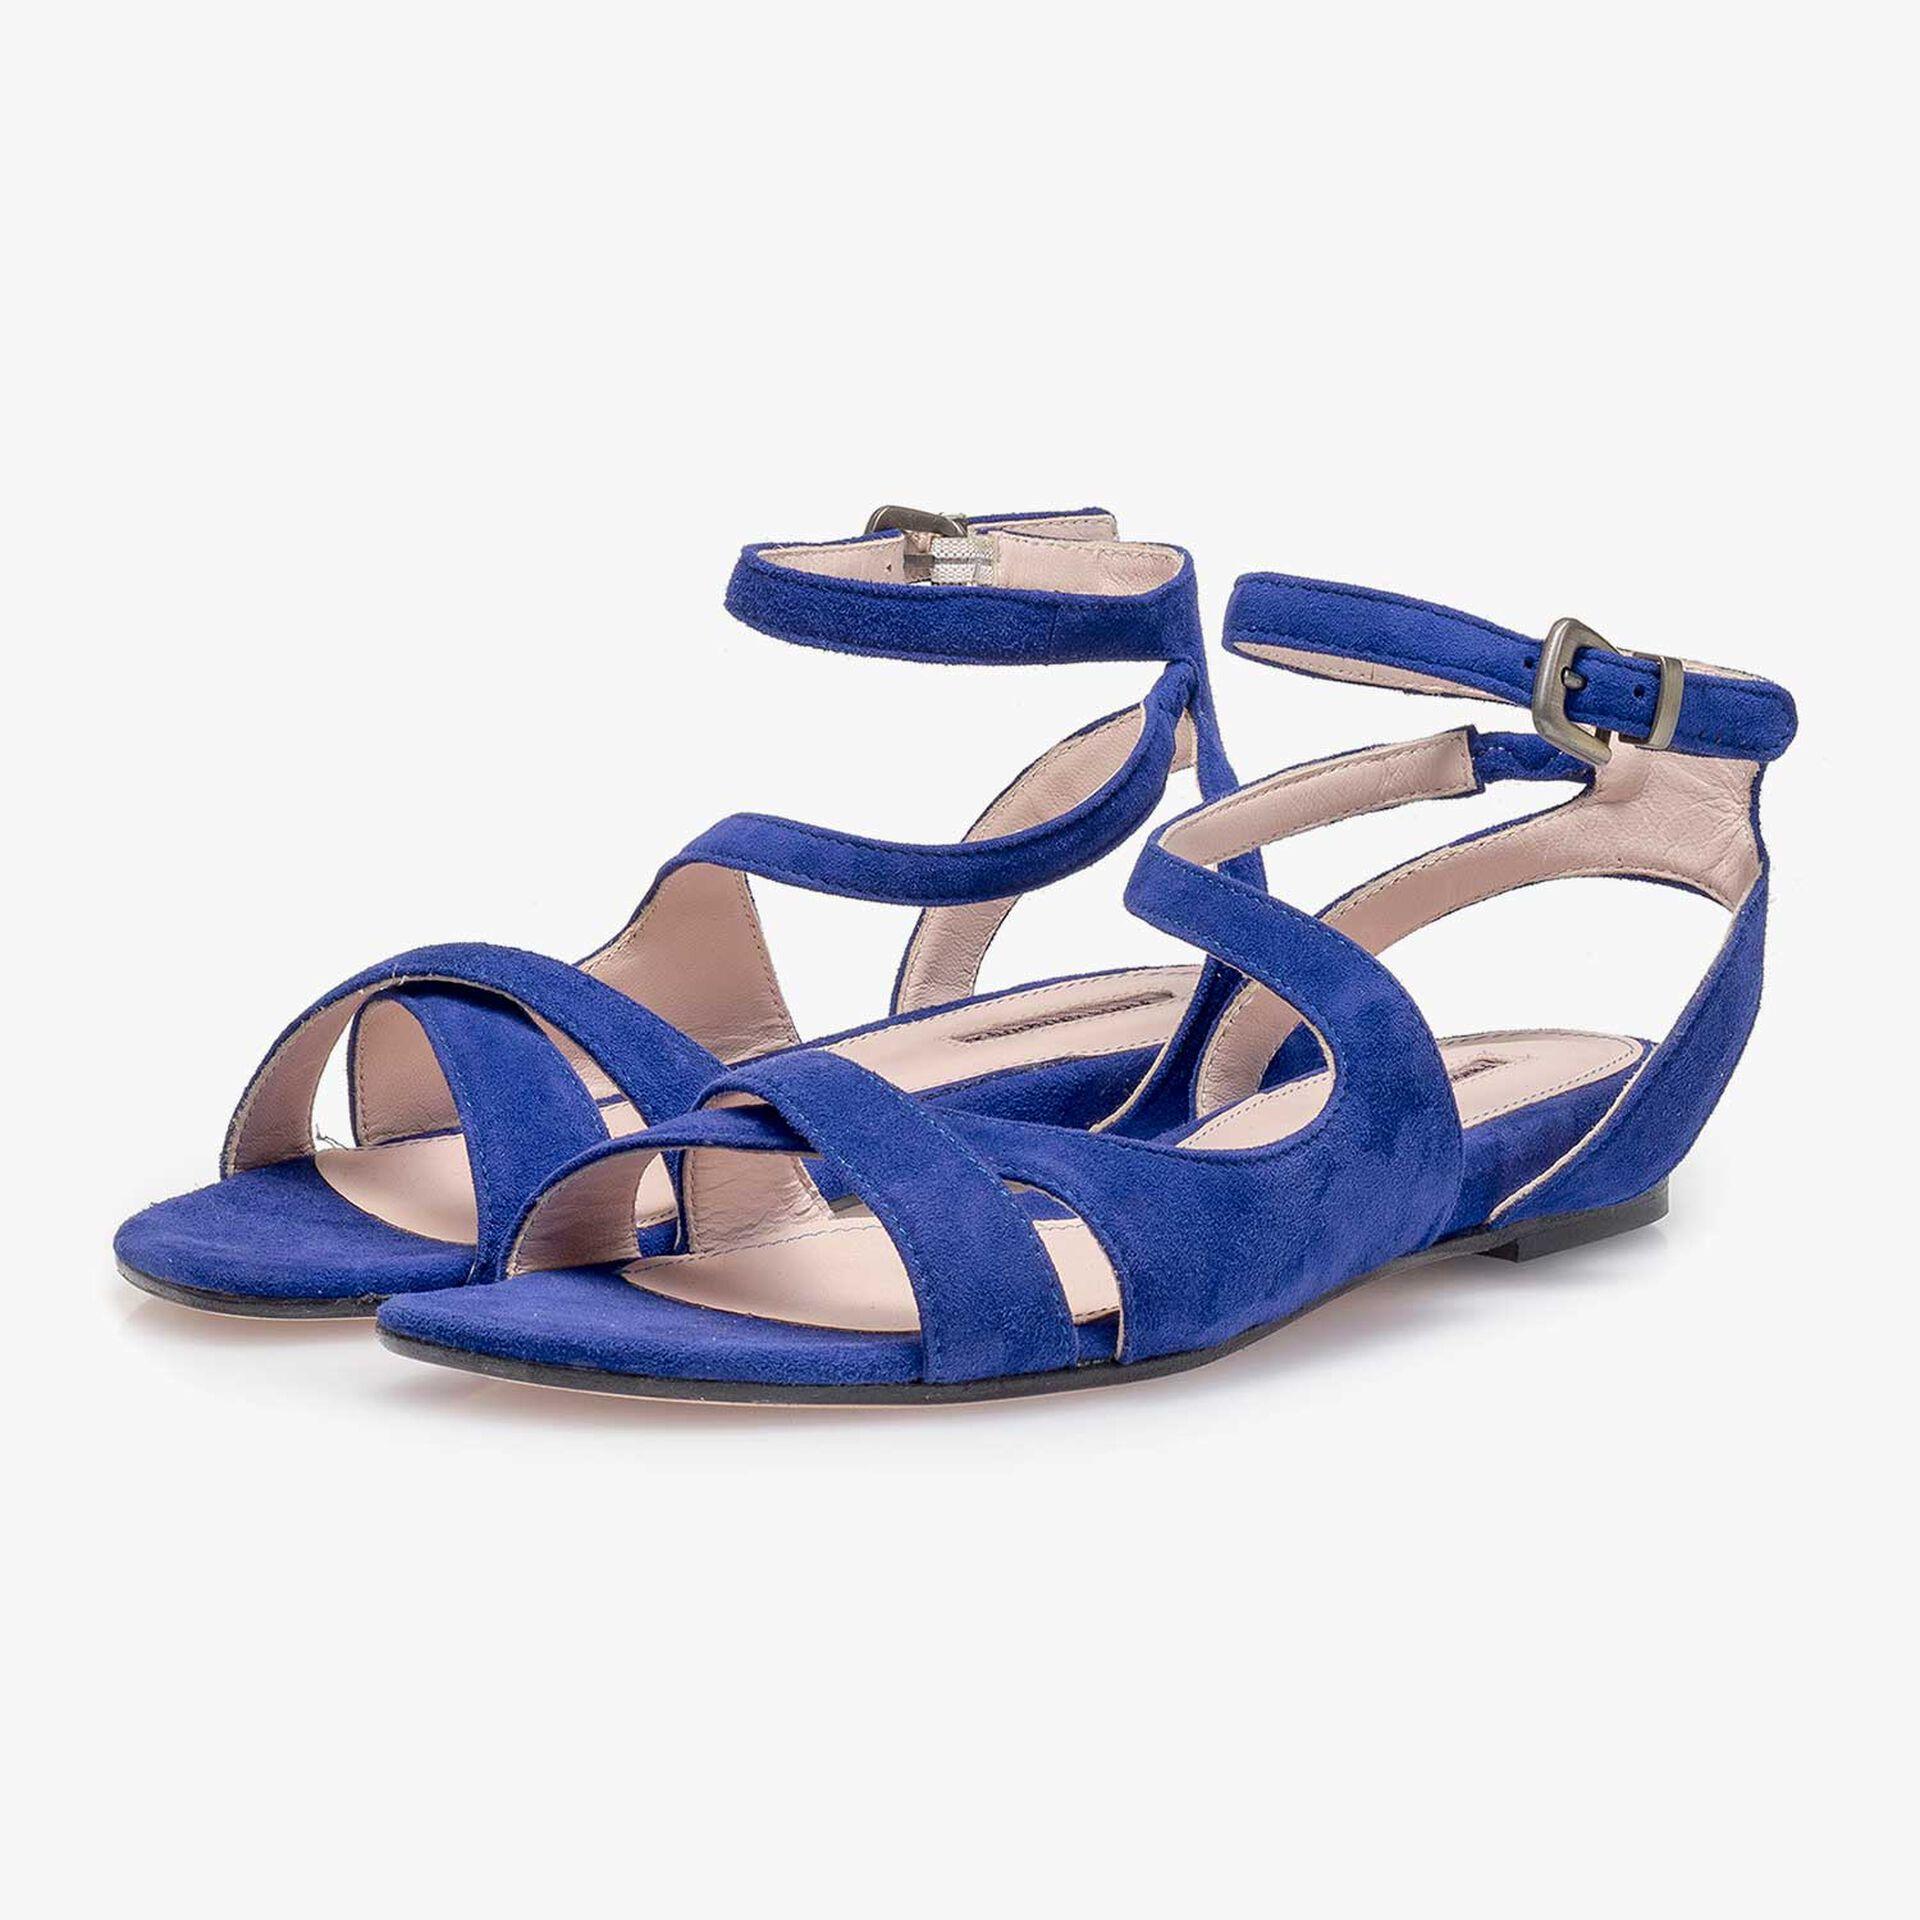 Kobaltblauwe suède sandaal